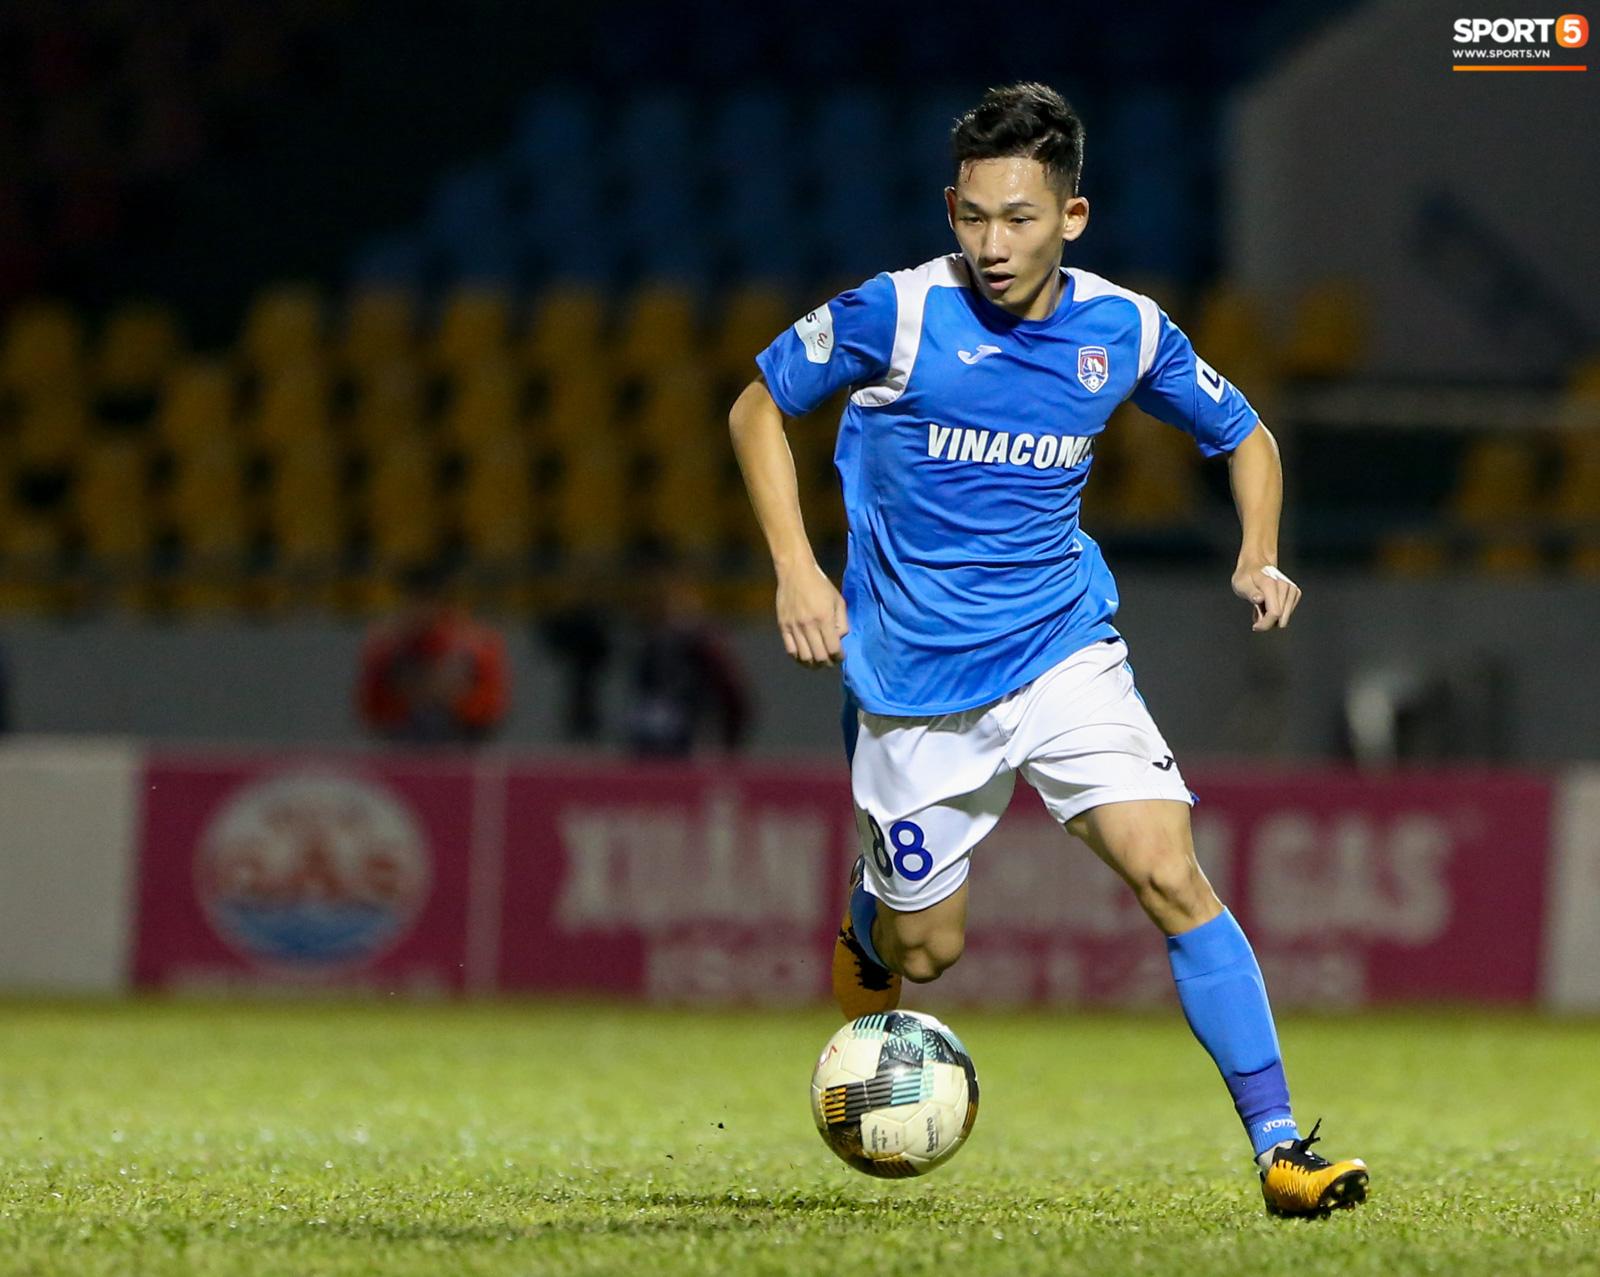 Cầu thủ 29 tuổi lại được tiến cử cho HLV Park Hang-seo, cạnh tranh bộ tứ trung vệ quyền lực - Ảnh 2.